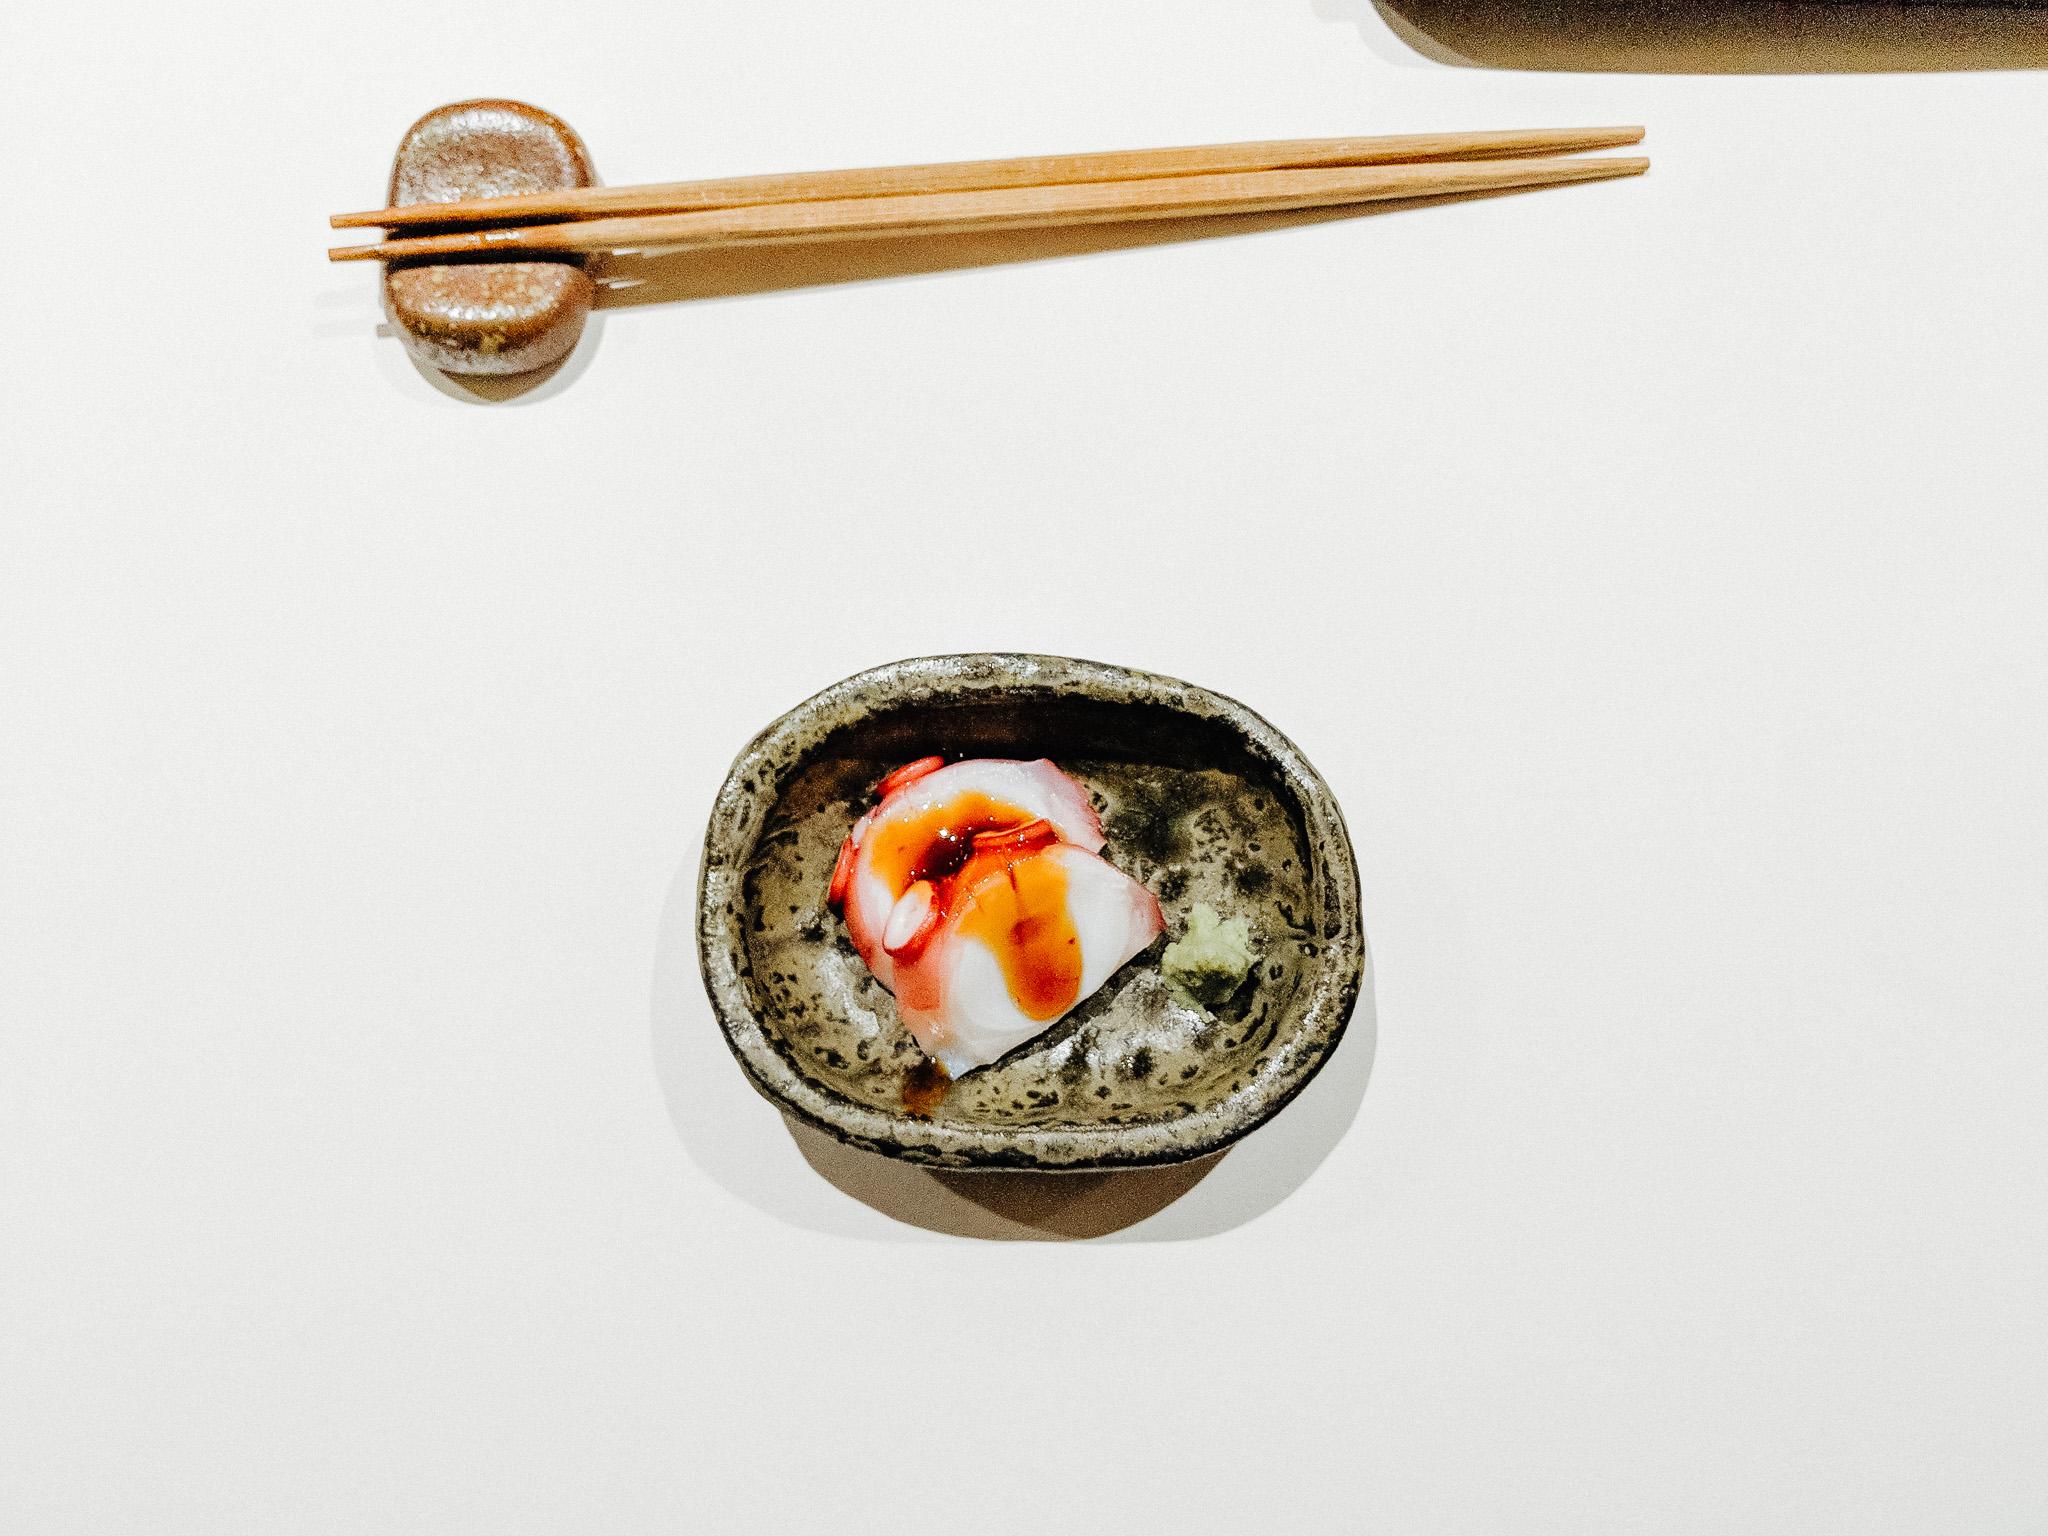 minamishima-melbourne-food-photographer-hokkaido-octopus